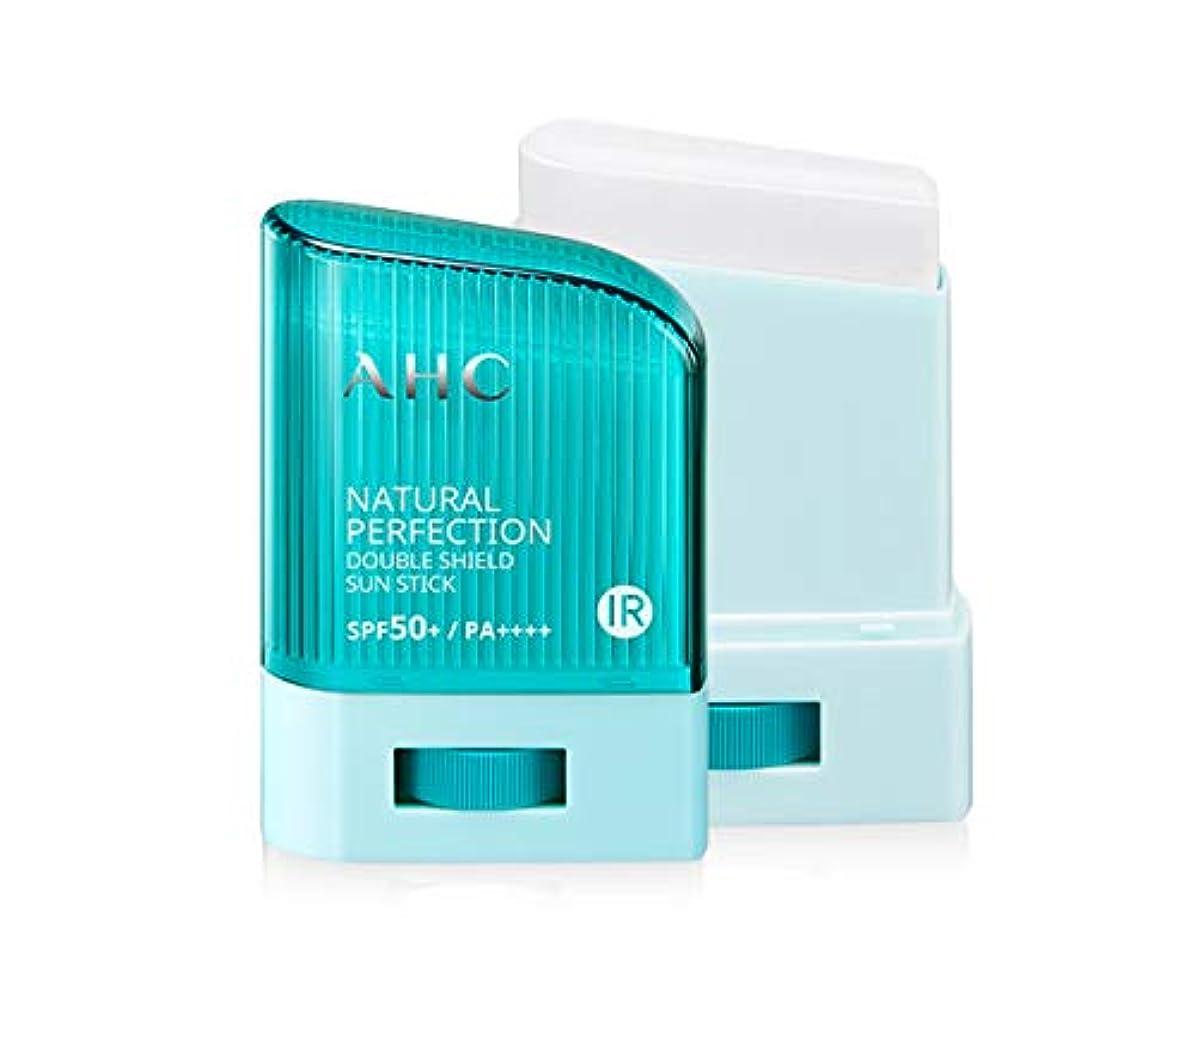 宣言風味節約AHC ナチュラルパーフェクションダブルシールドサンスティック ブルー Natural Perfection Double Shield Sun Stick BLUE [並行輸入品] (14g)